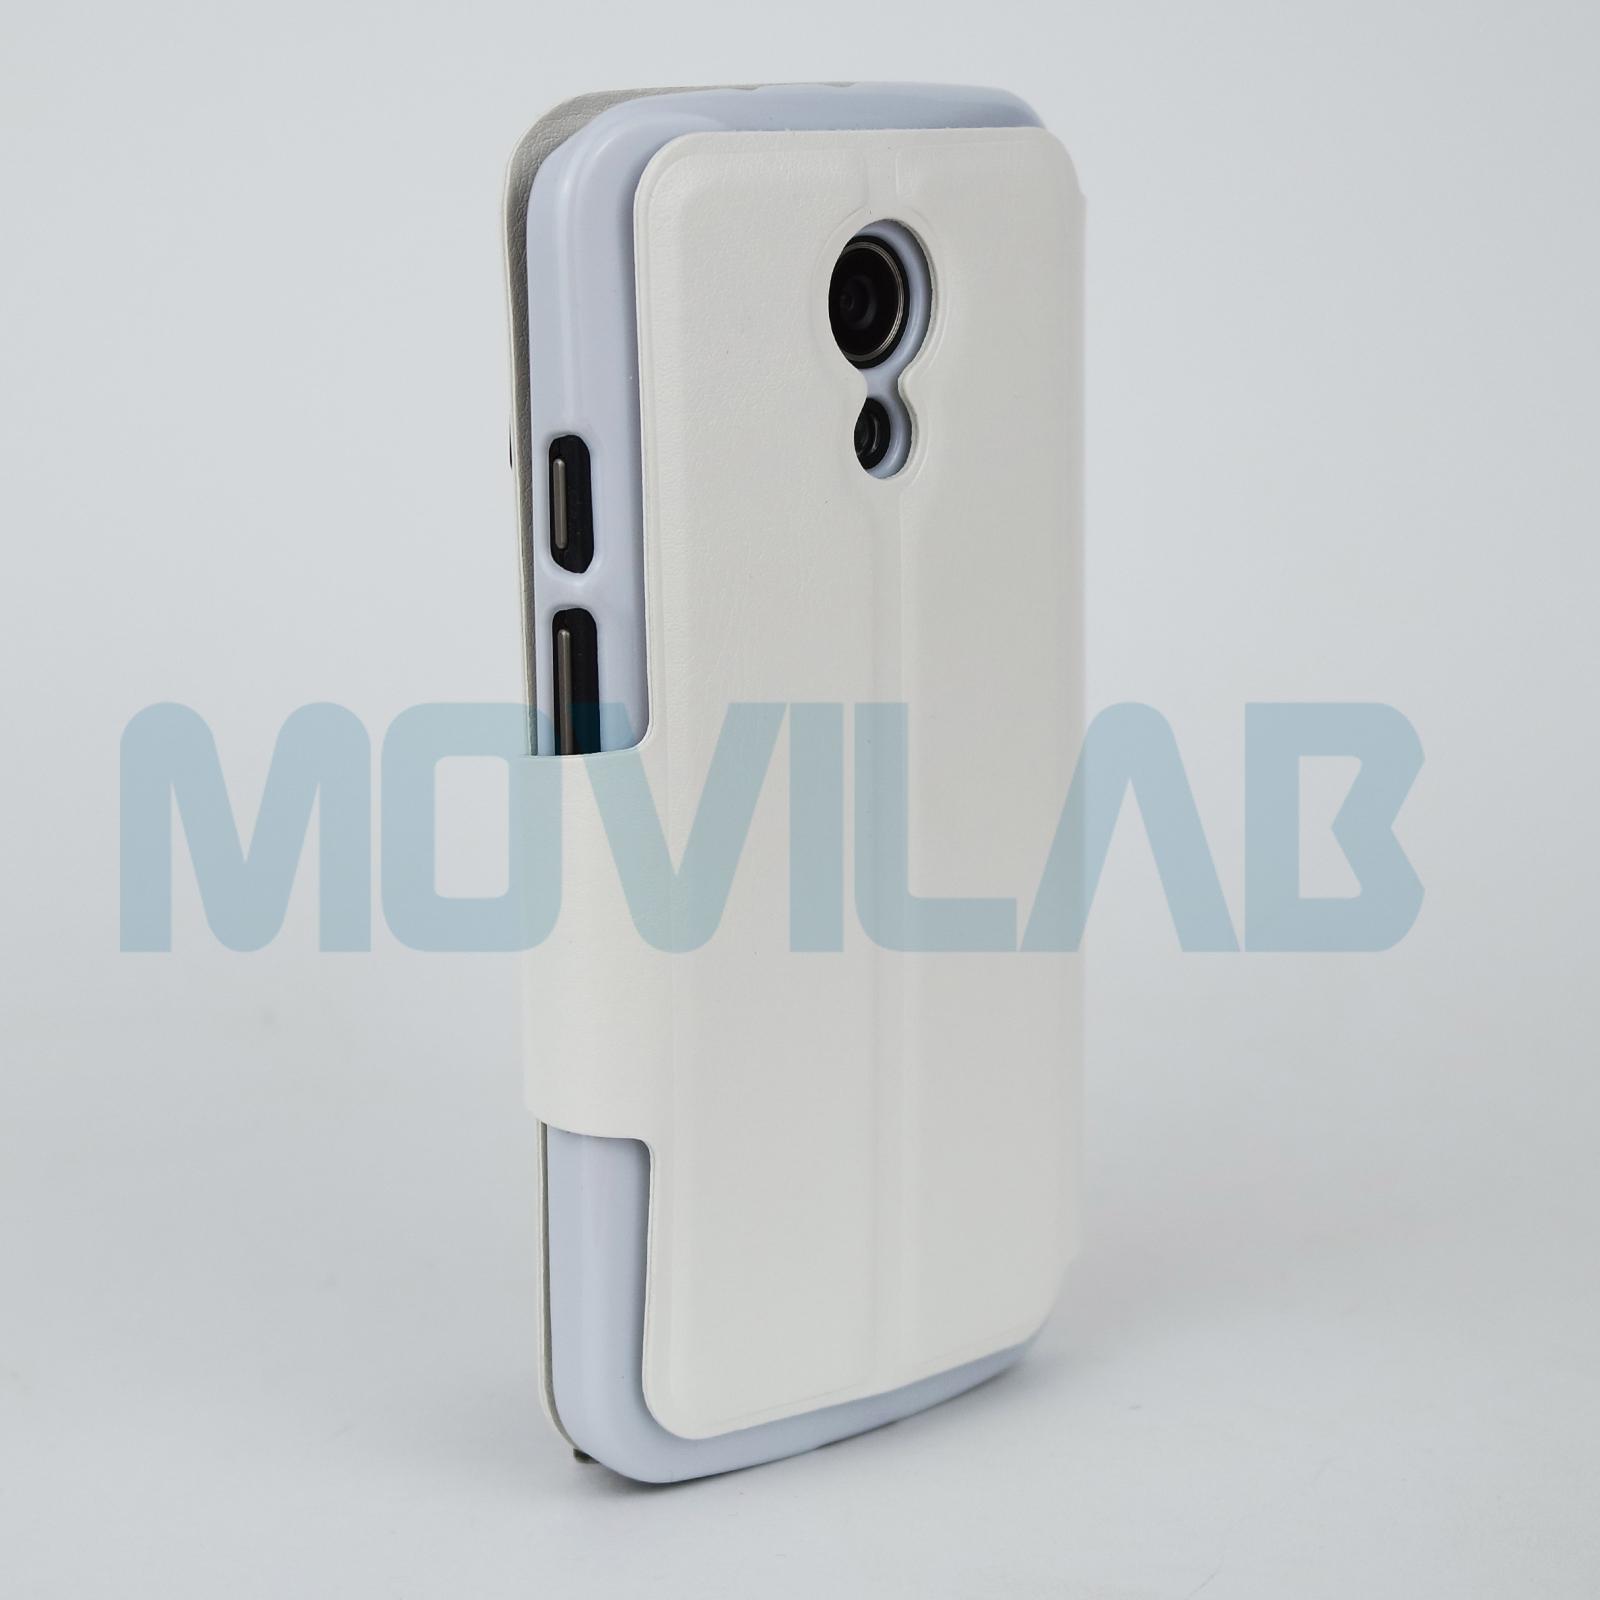 c3c600dd538 Funda libro Motorola Moto G2 Funda libro Motorola Moto G2 trasera ...